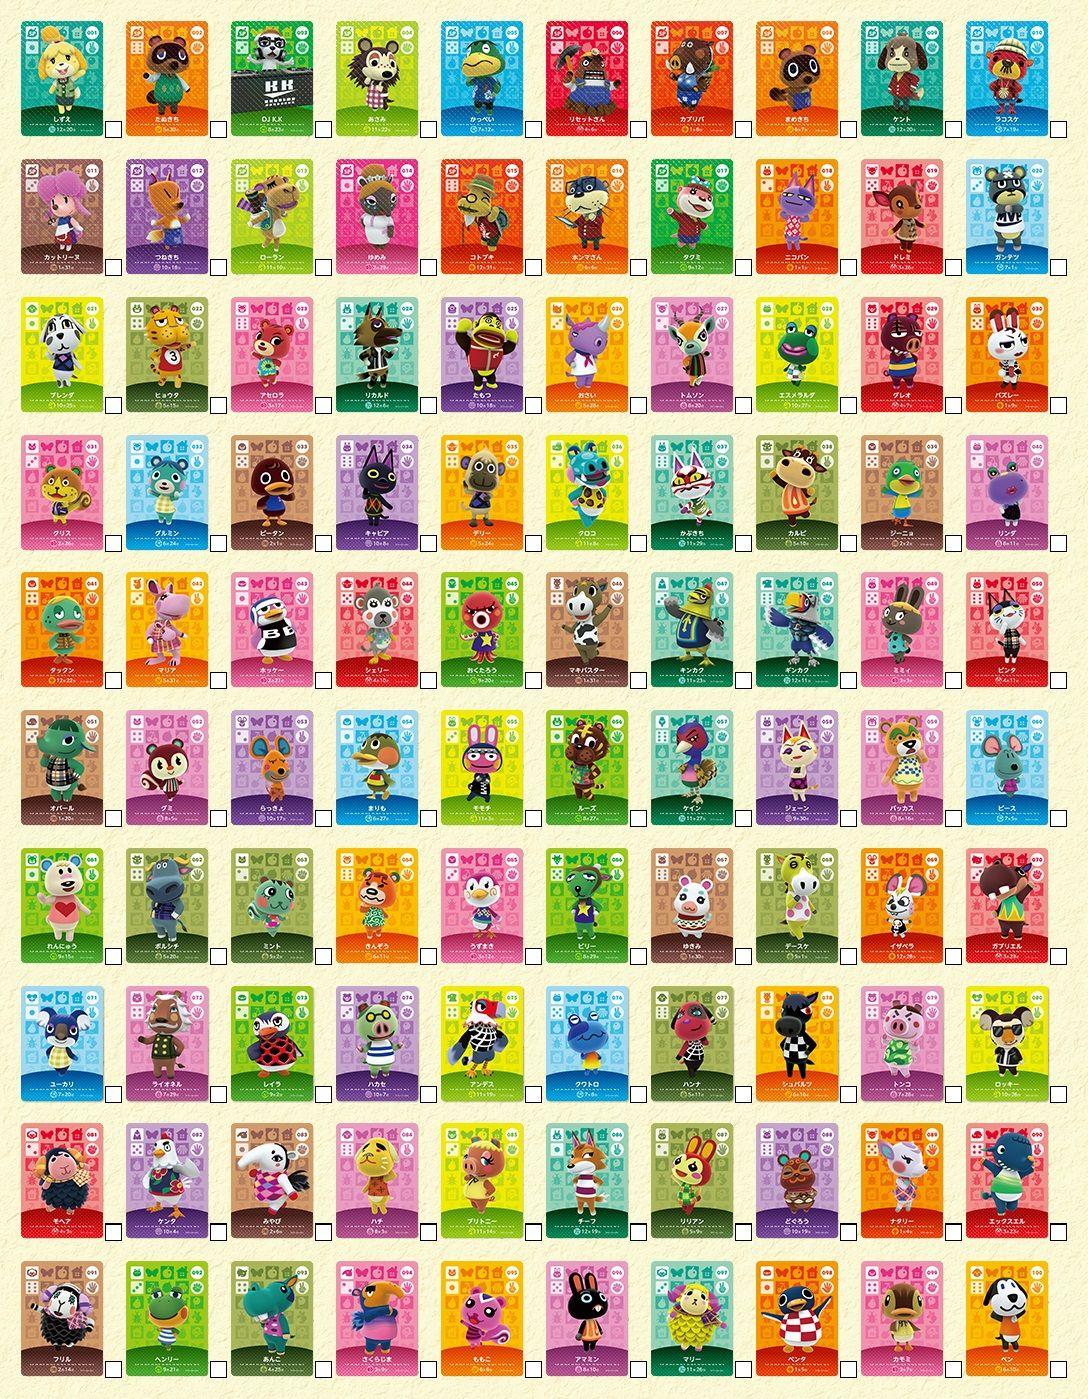 Bidoofcrossing Animal Crossing Amiibo Cards Series 1 Checklist